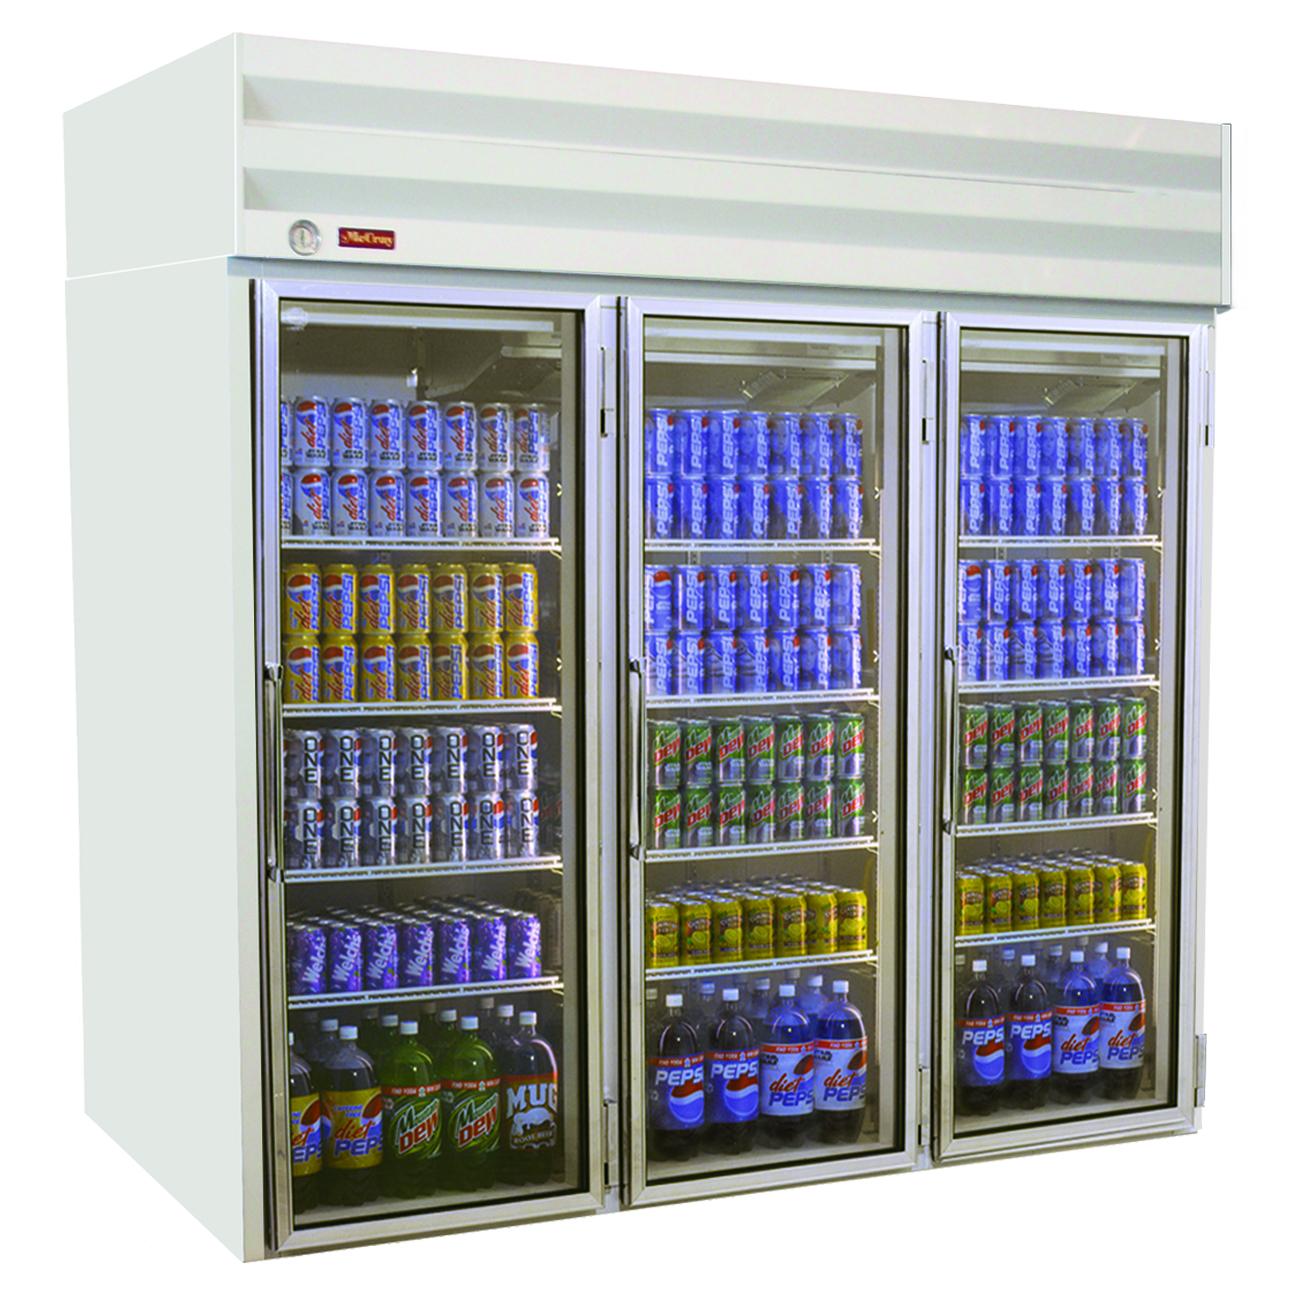 Howard-McCray GR75 refrigerator, merchandiser